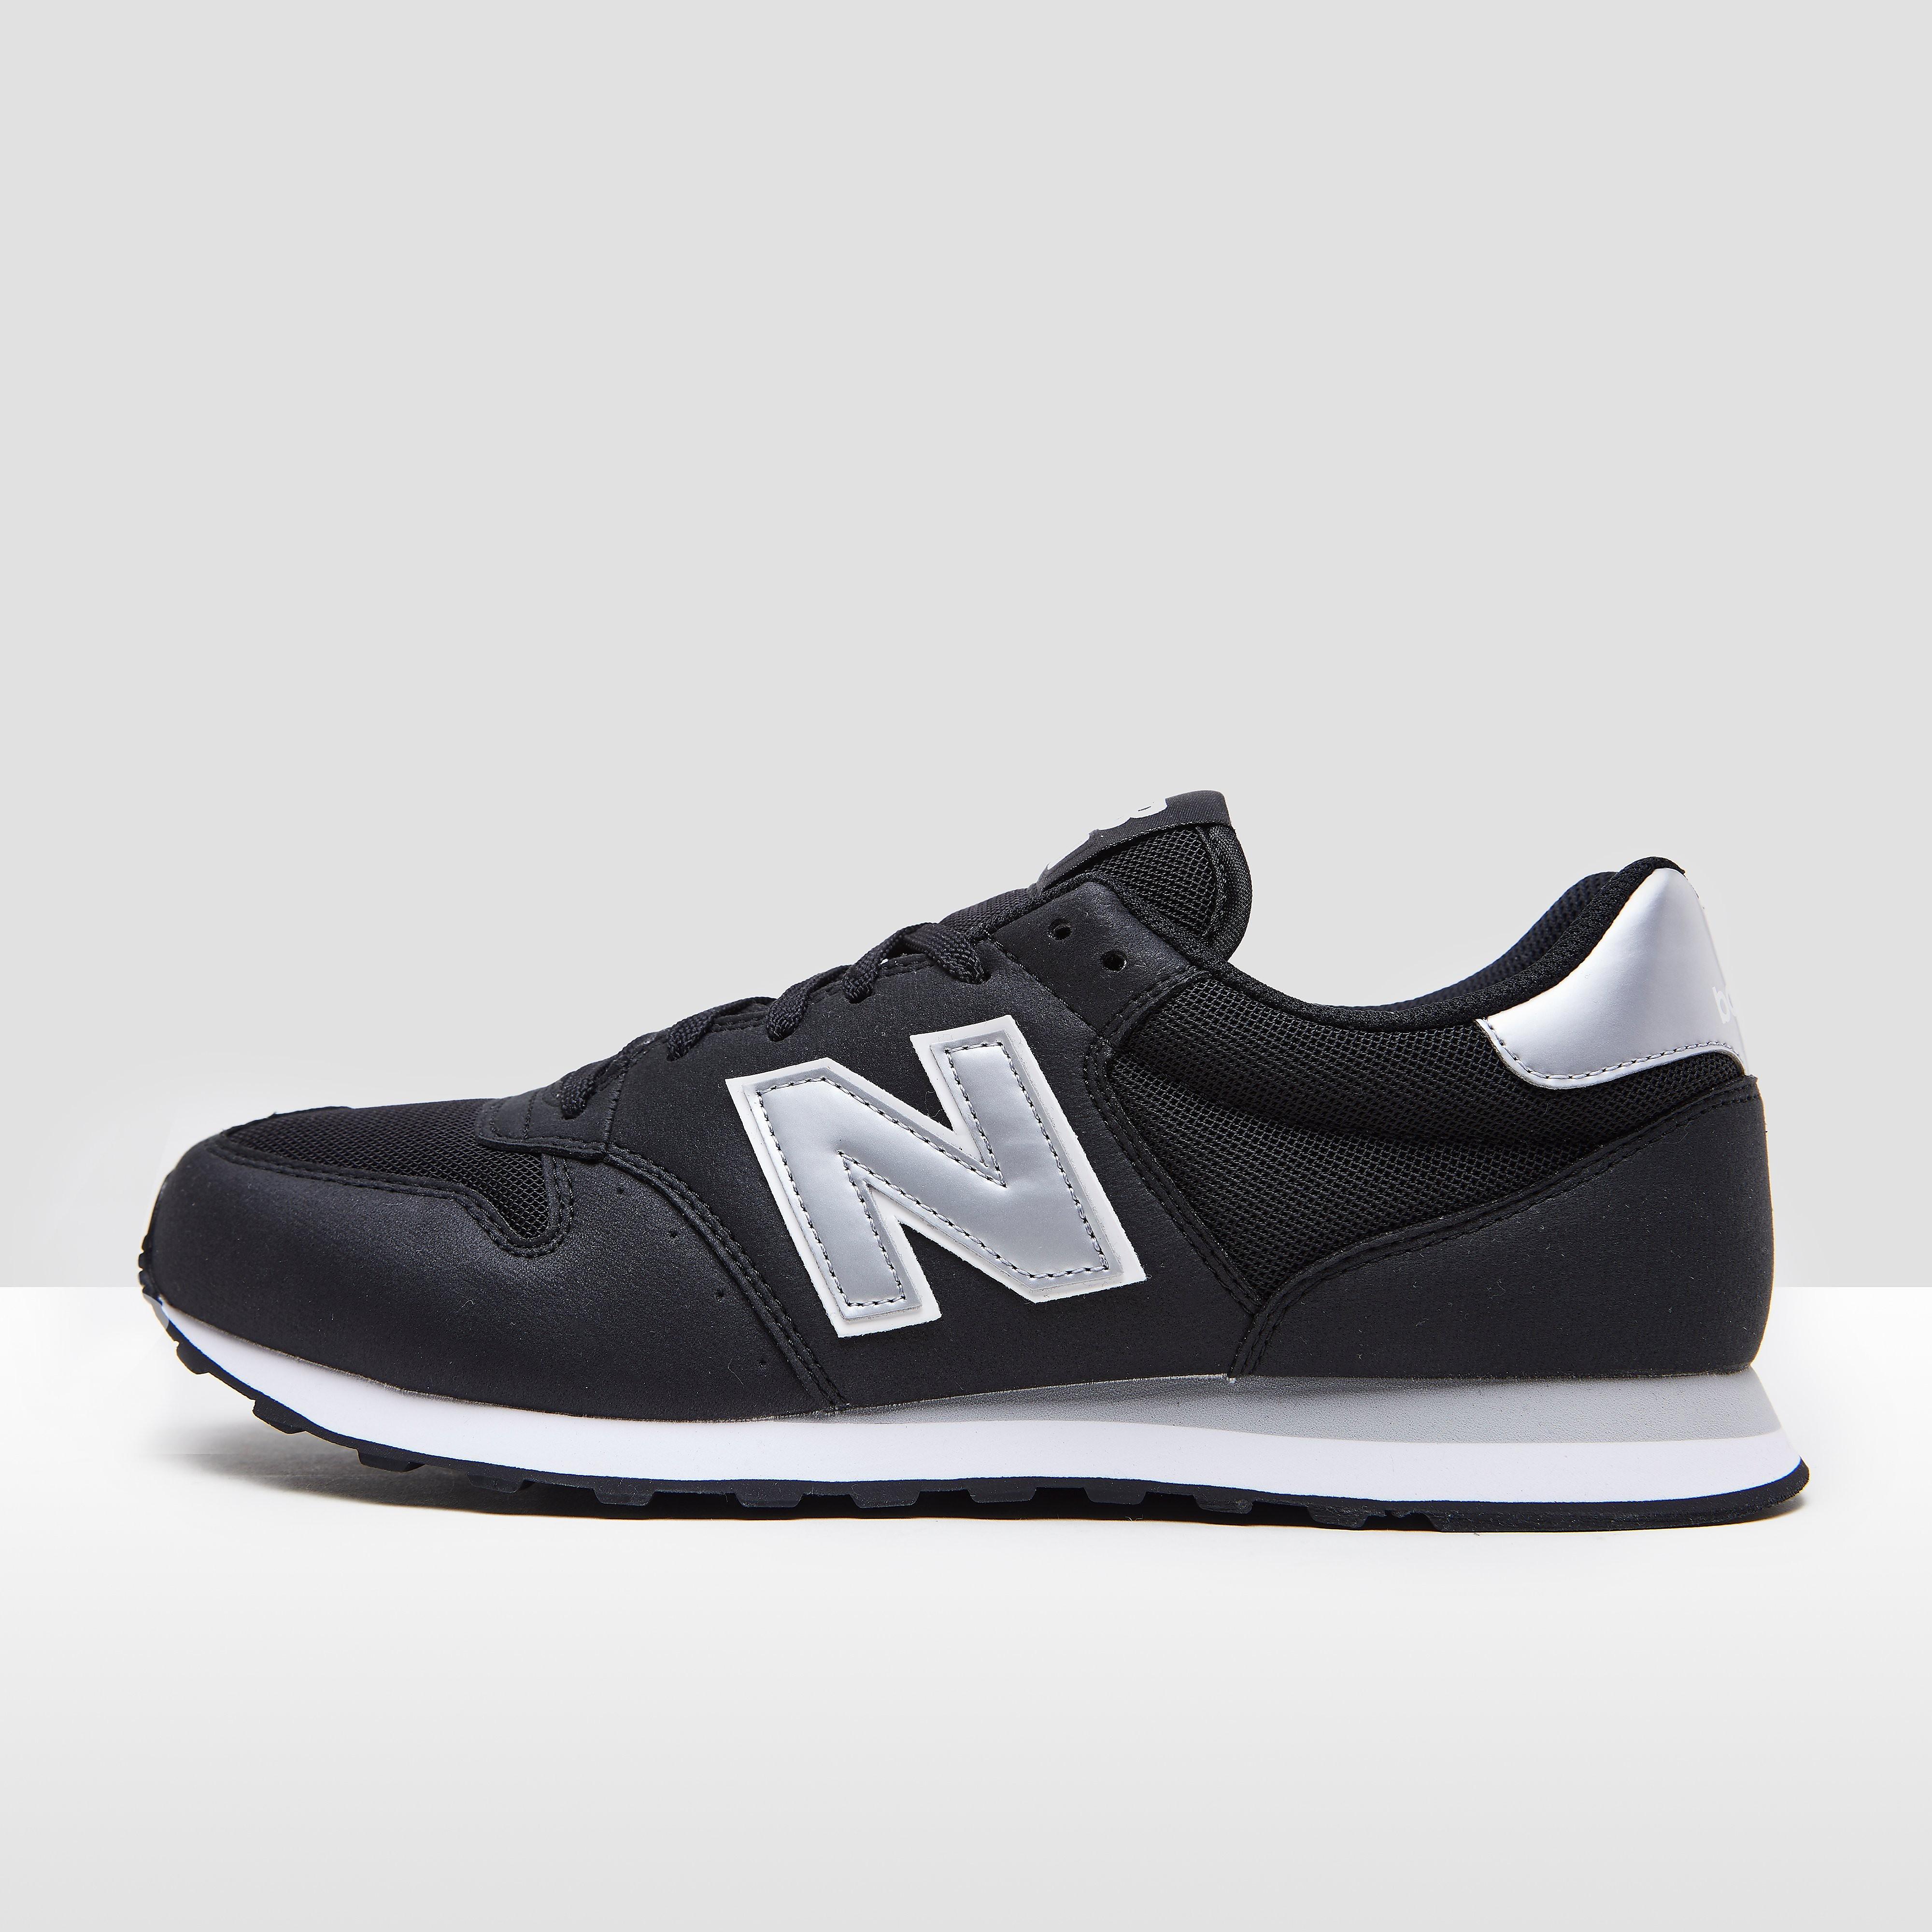 Ct288 Chaussures De Course New Balance Noir Blanc Noir Blanc n0BBPx